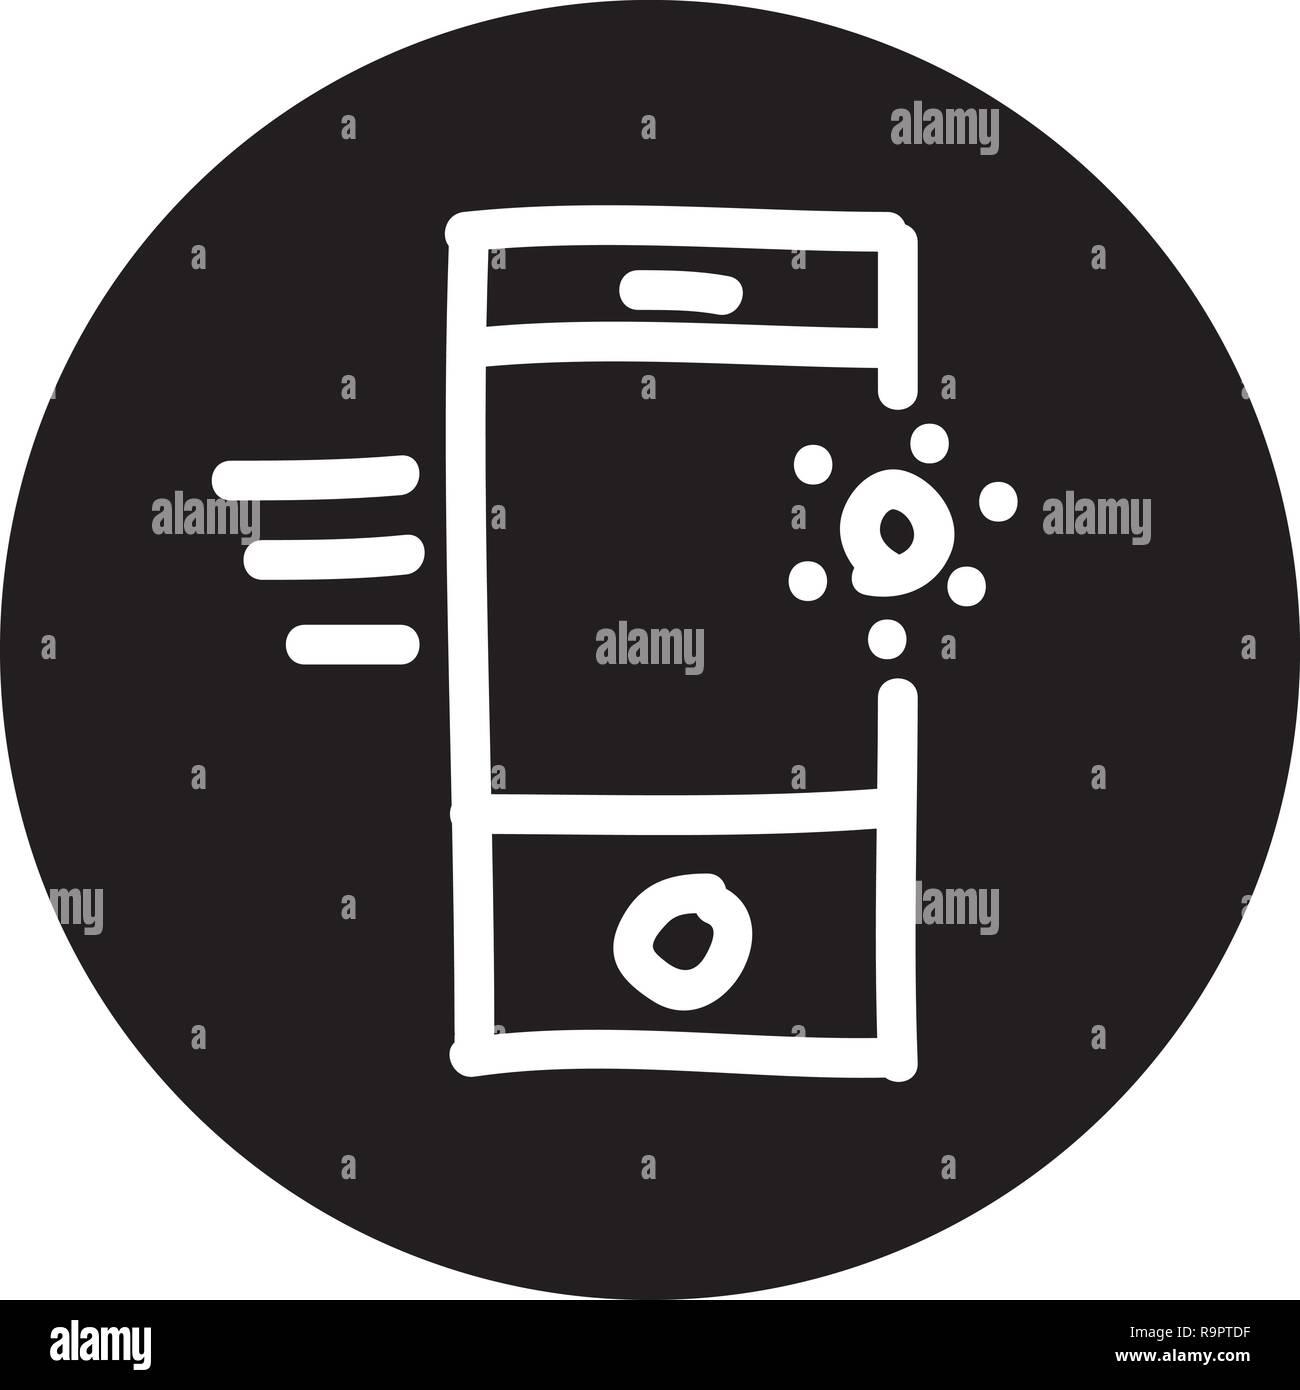 Ricerca Per Immagini Mobile ottimizzazione per i motori di ricerca icona con disegnato a